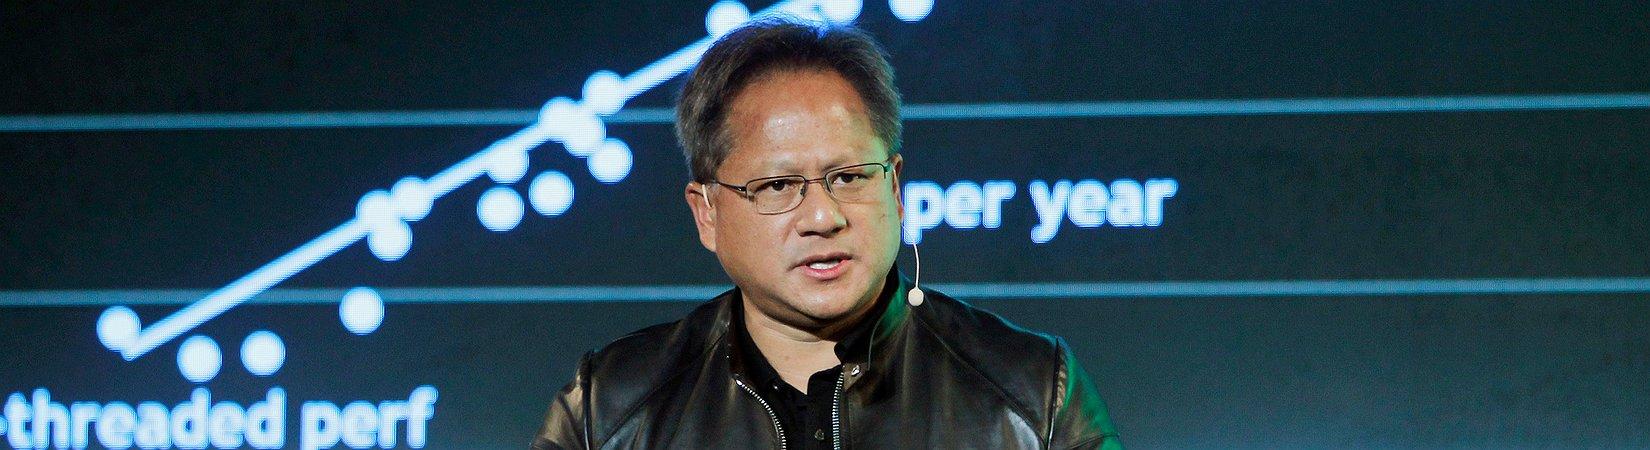 NVIDIA o AMD: ¿Cuál es la mejor elección para los inversores?